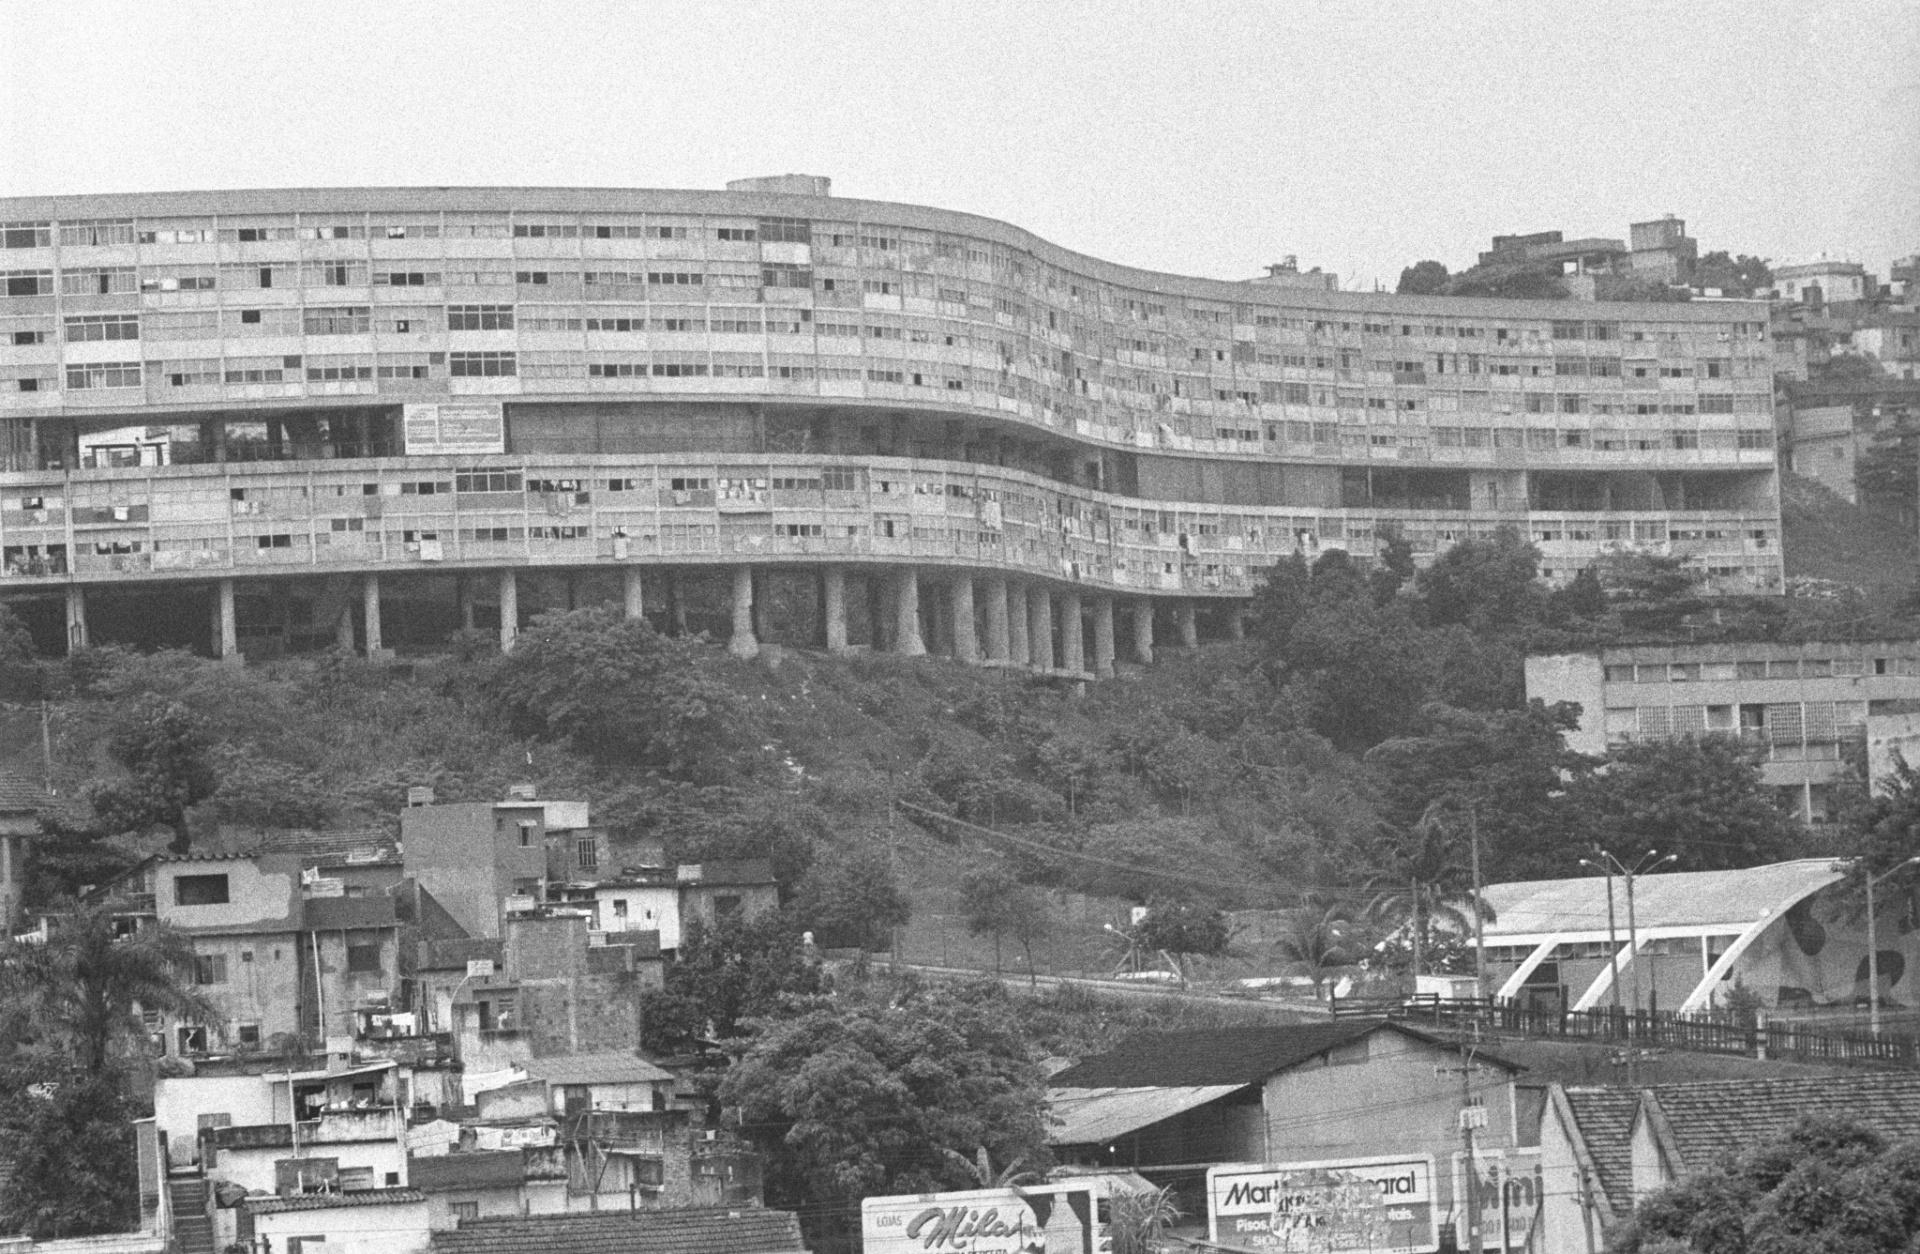 30.dez.1986 - Décadas após a conclusão da construção do conjunto habitacional Pedregulho, em 1952, o edifício sofreu com deterioração e falta de manutenção